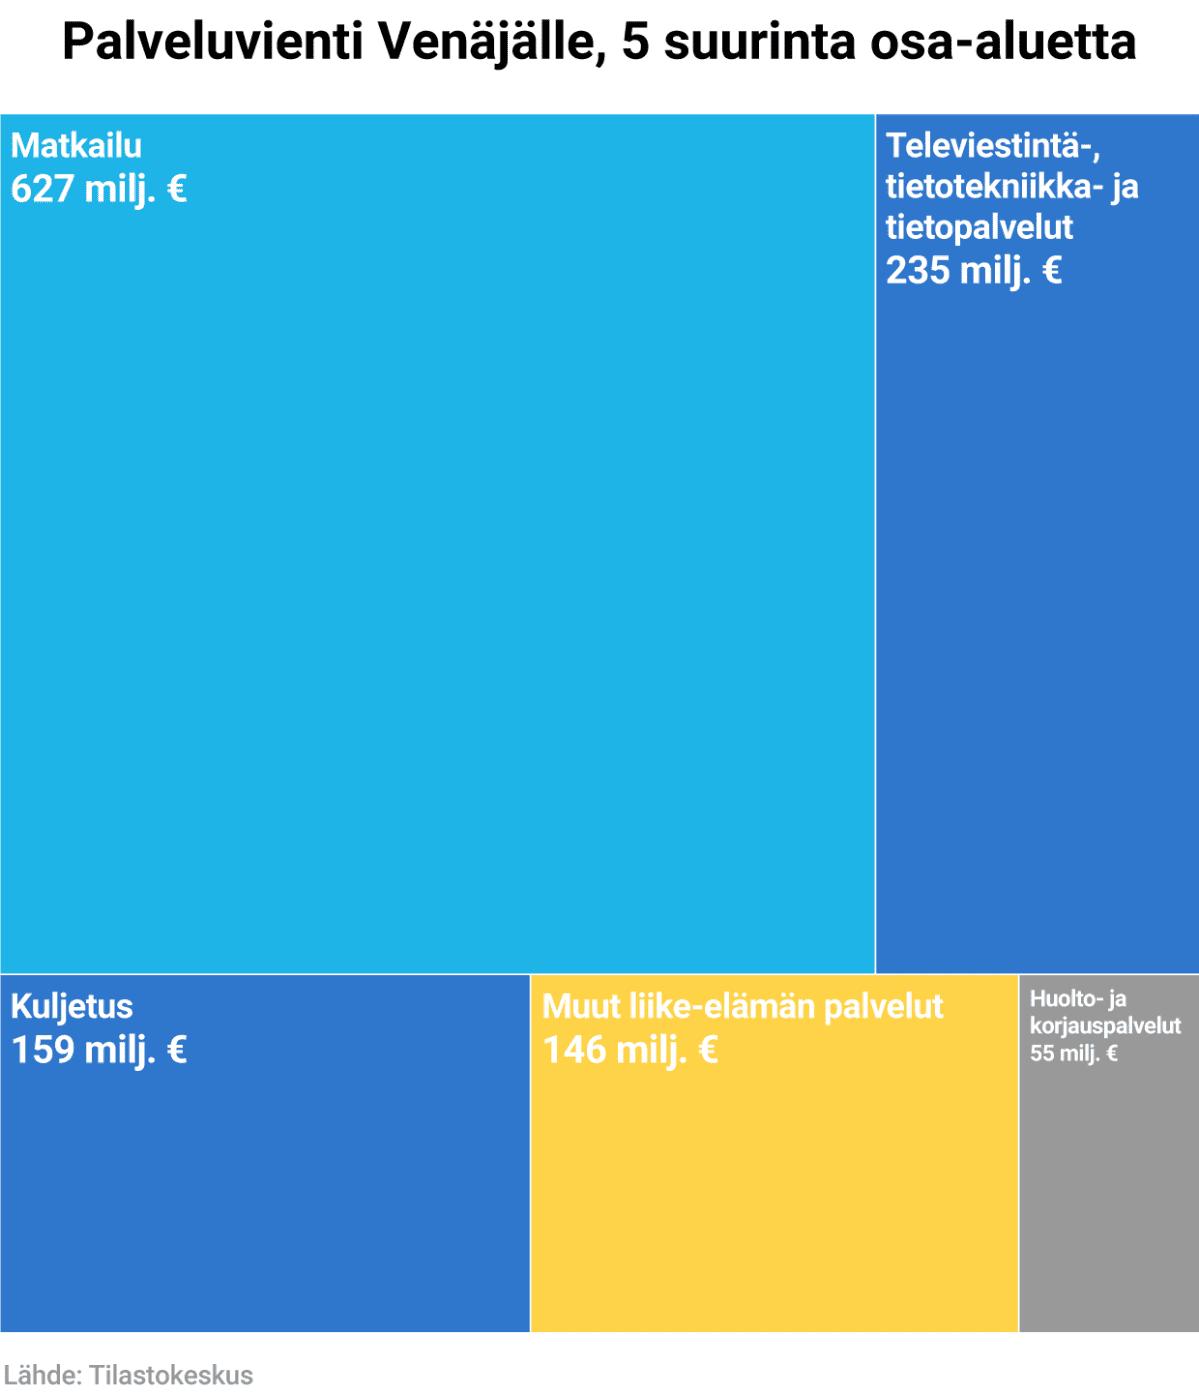 Palveluvienti Venäjälle, 5 suurinta osa-aluetta